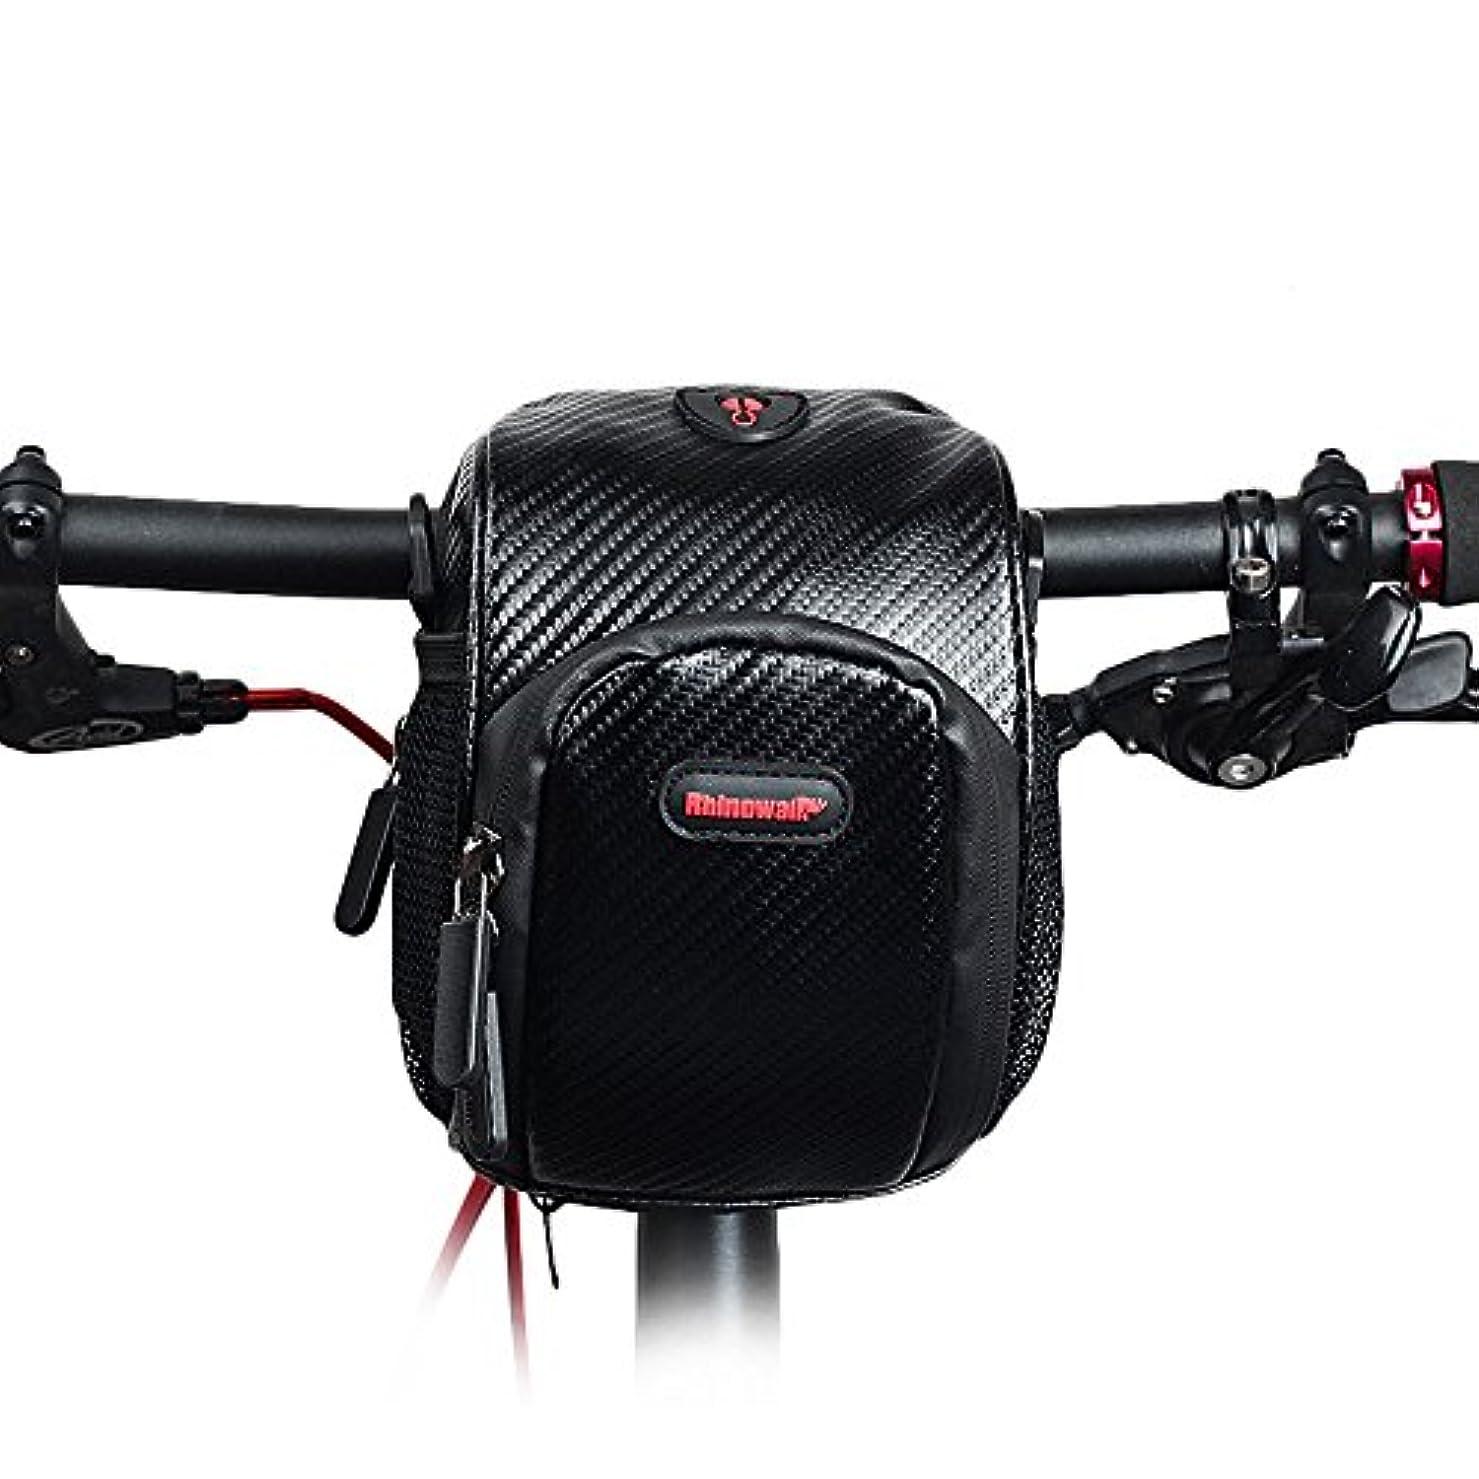 贅沢なフェンス突然の自転車シートパックバッグ自転車パニエバイクバッグバイクハンドルバーバッグ防水ロードバイクサドルバッグバイクフレームバッグバイクバスケットバッグ自転車バッグプロのサイクリングアクセサリー 自転車サドルバッグ大容量 (色 : Black-2)